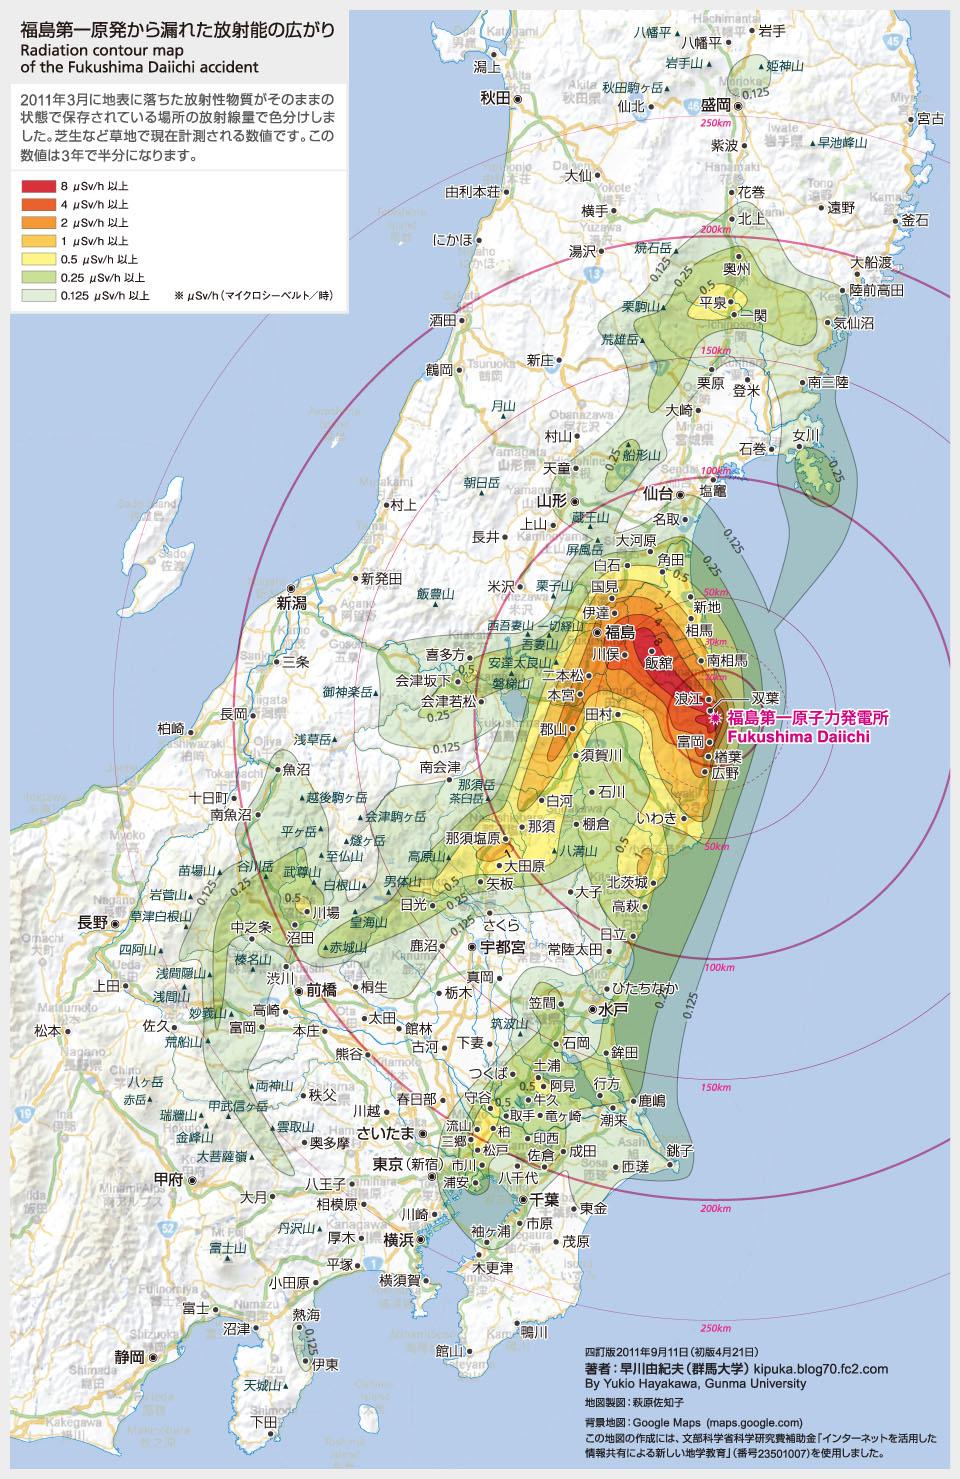 【怪しいお米の本命】福島県のお米が何故かセシウム不検出で全国出荷へのサムネイル画像